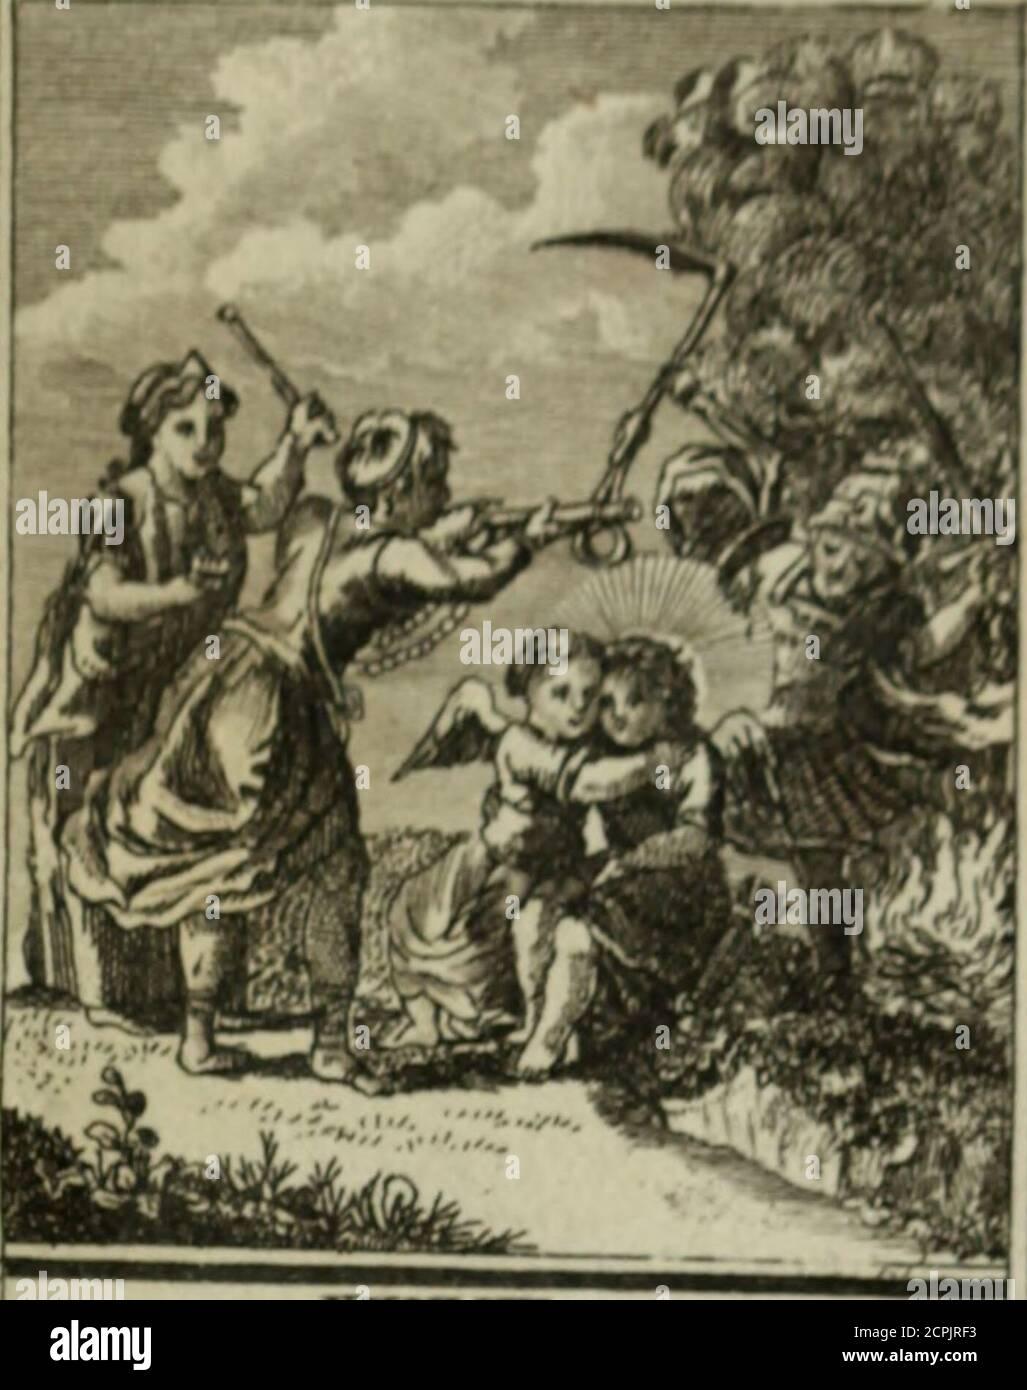 . L'ame amante de son Dieu, représentée dans les emblemes de Hermannus Hugo, et dans ceux d'Othon Vaenius sur l'amour divin. Avec des figures nouvelles accompagnées de vers qui en font l'application aux dispositions les plus essentielles de la vie intérieure . yjL^^ Il ç^À/<^// /i^/m Aj/nrt cn/or^^n. xxxvm . /. <* Hmo/^^ /eairtùità. Stock Photo